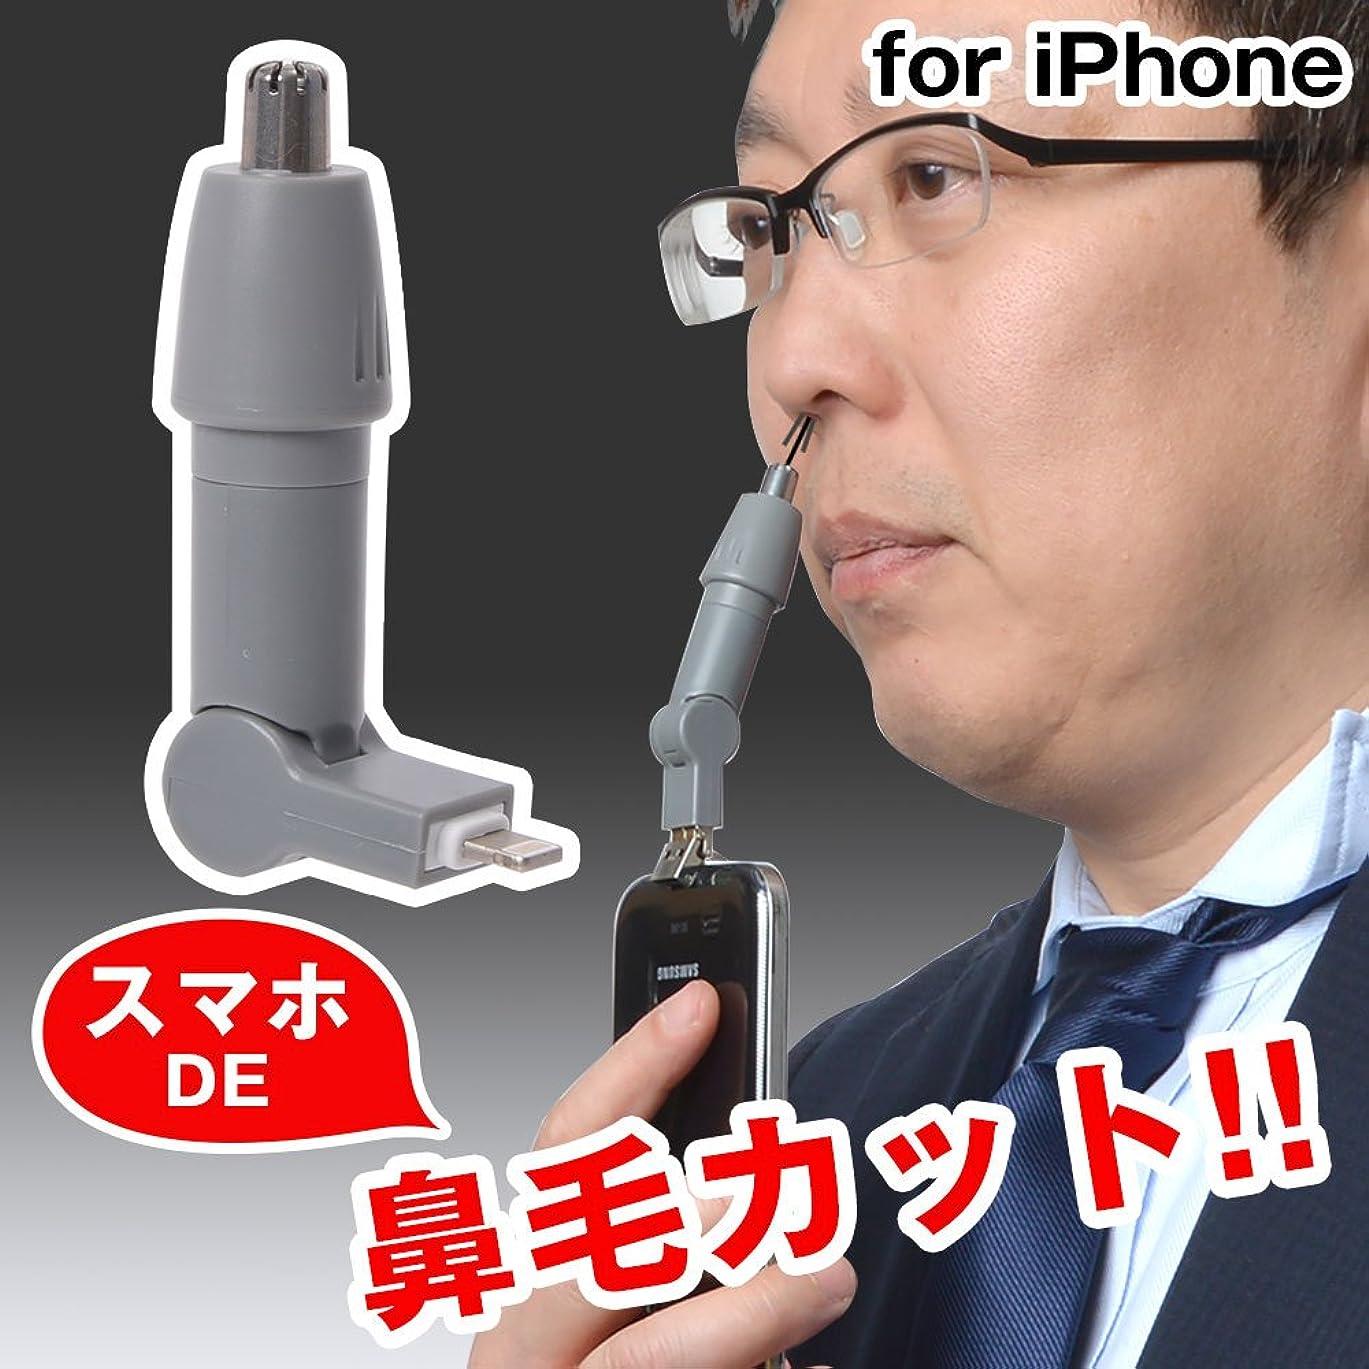 次人生を作る雇ったスマホde鼻毛カッター ※日本語マニュアル付き サンコーレアモノショップ (for iPhone)